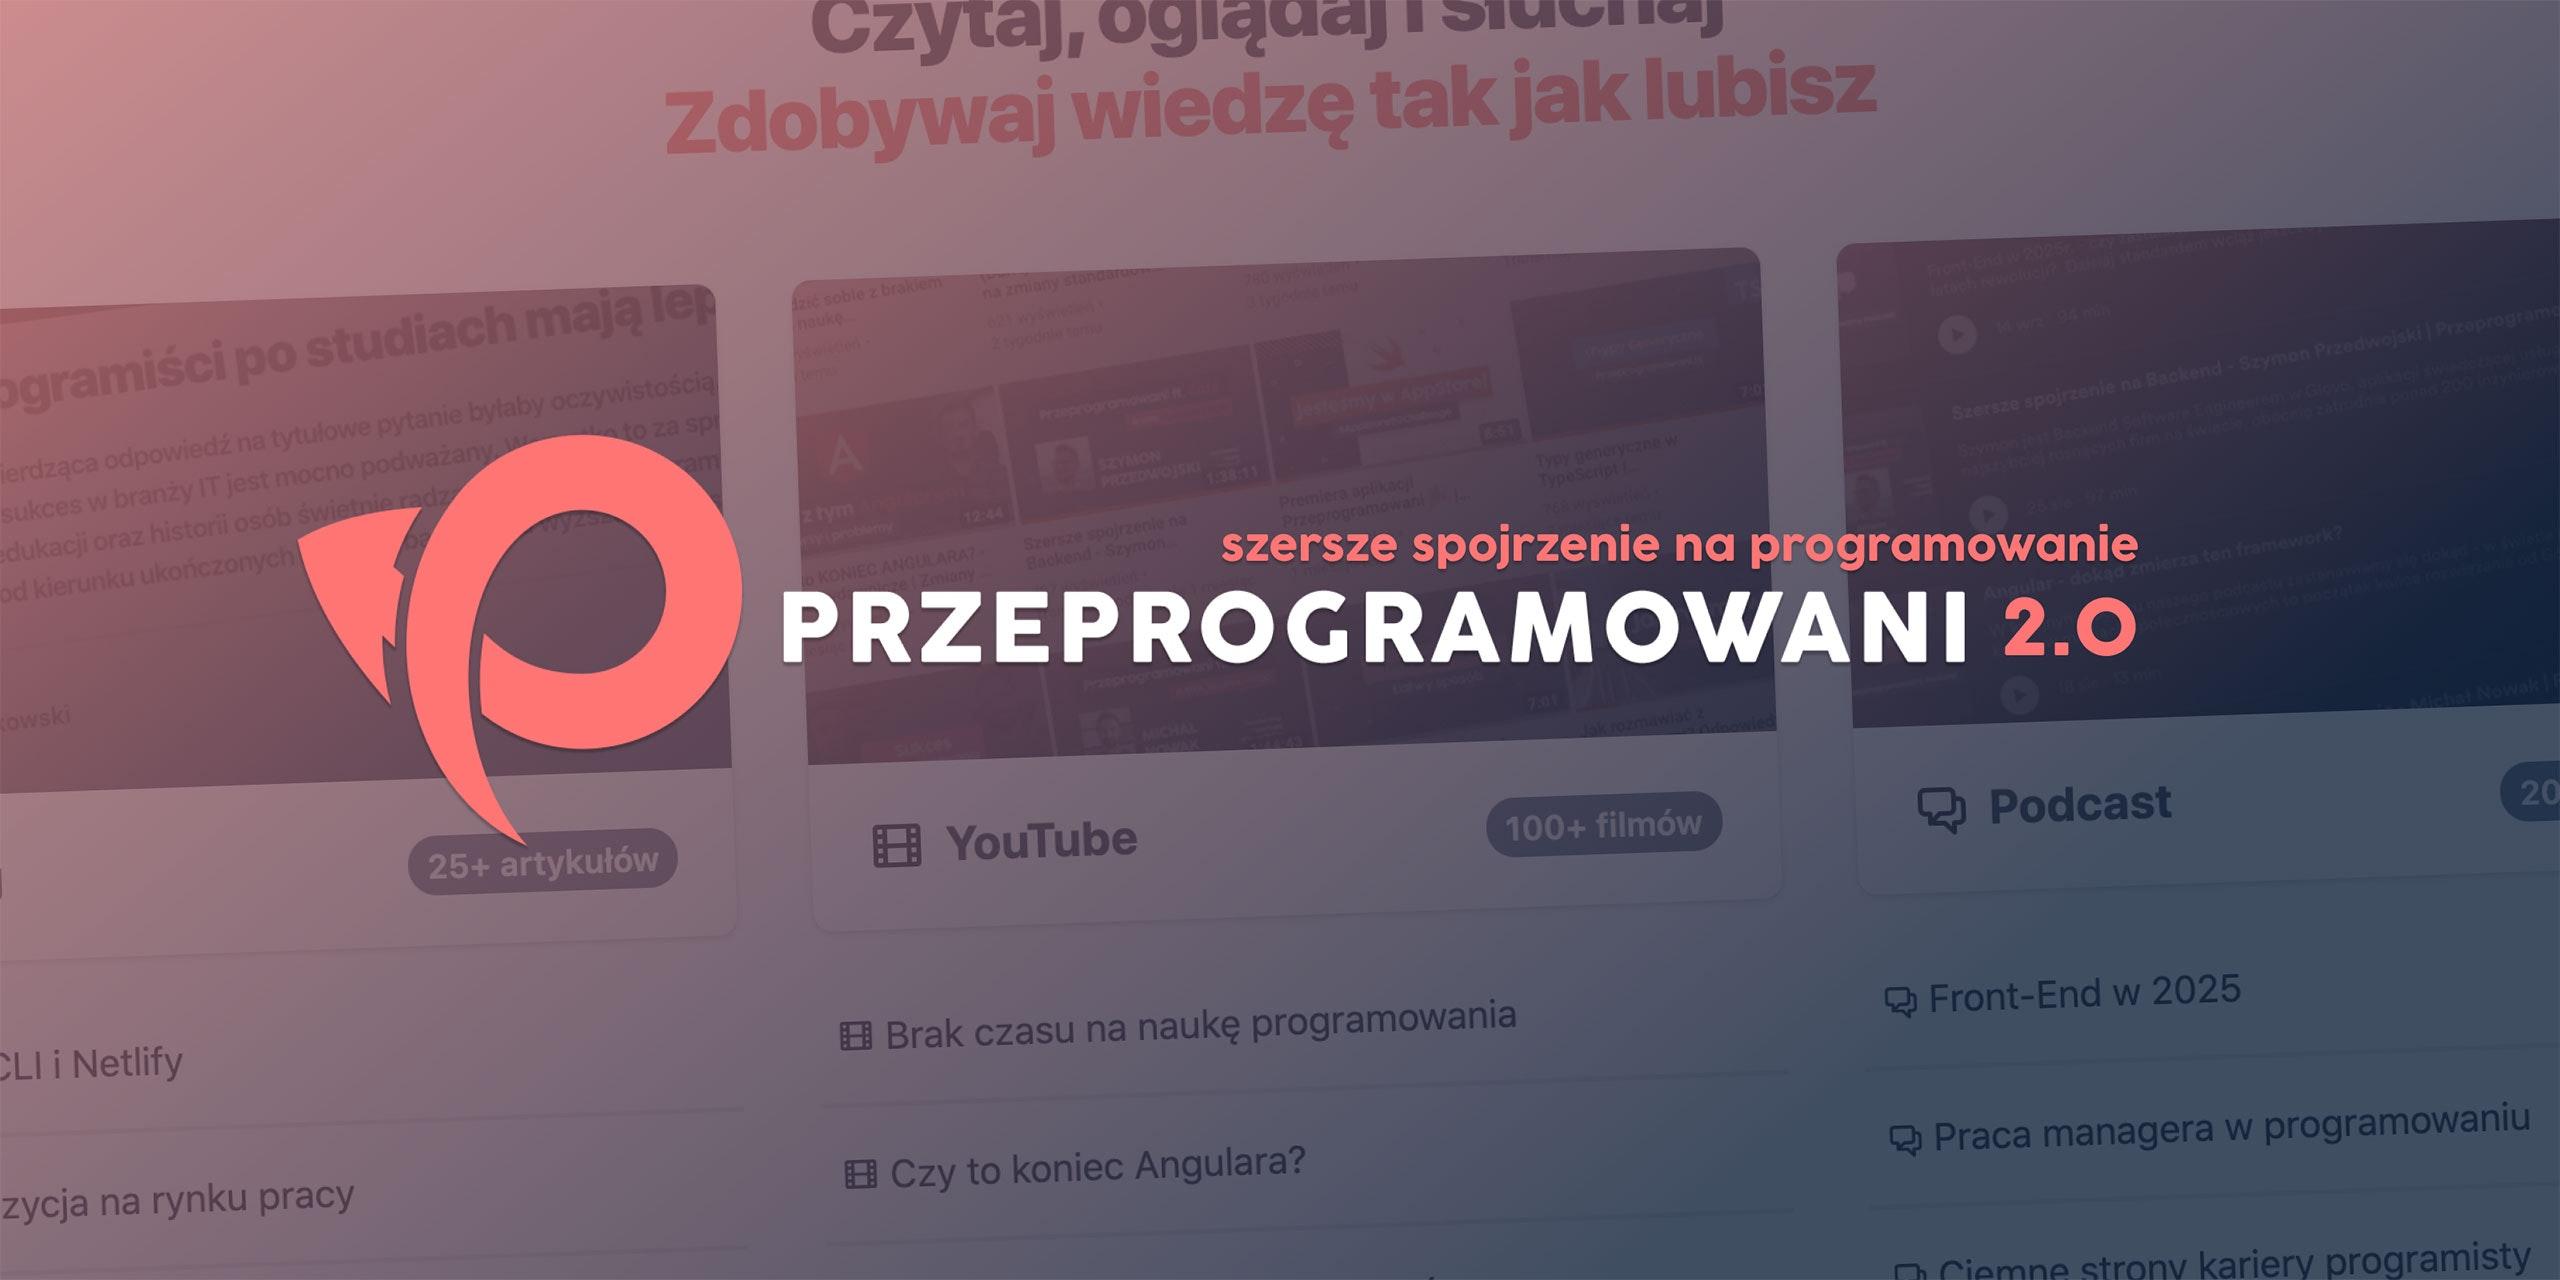 Przeprogramowani 2.0